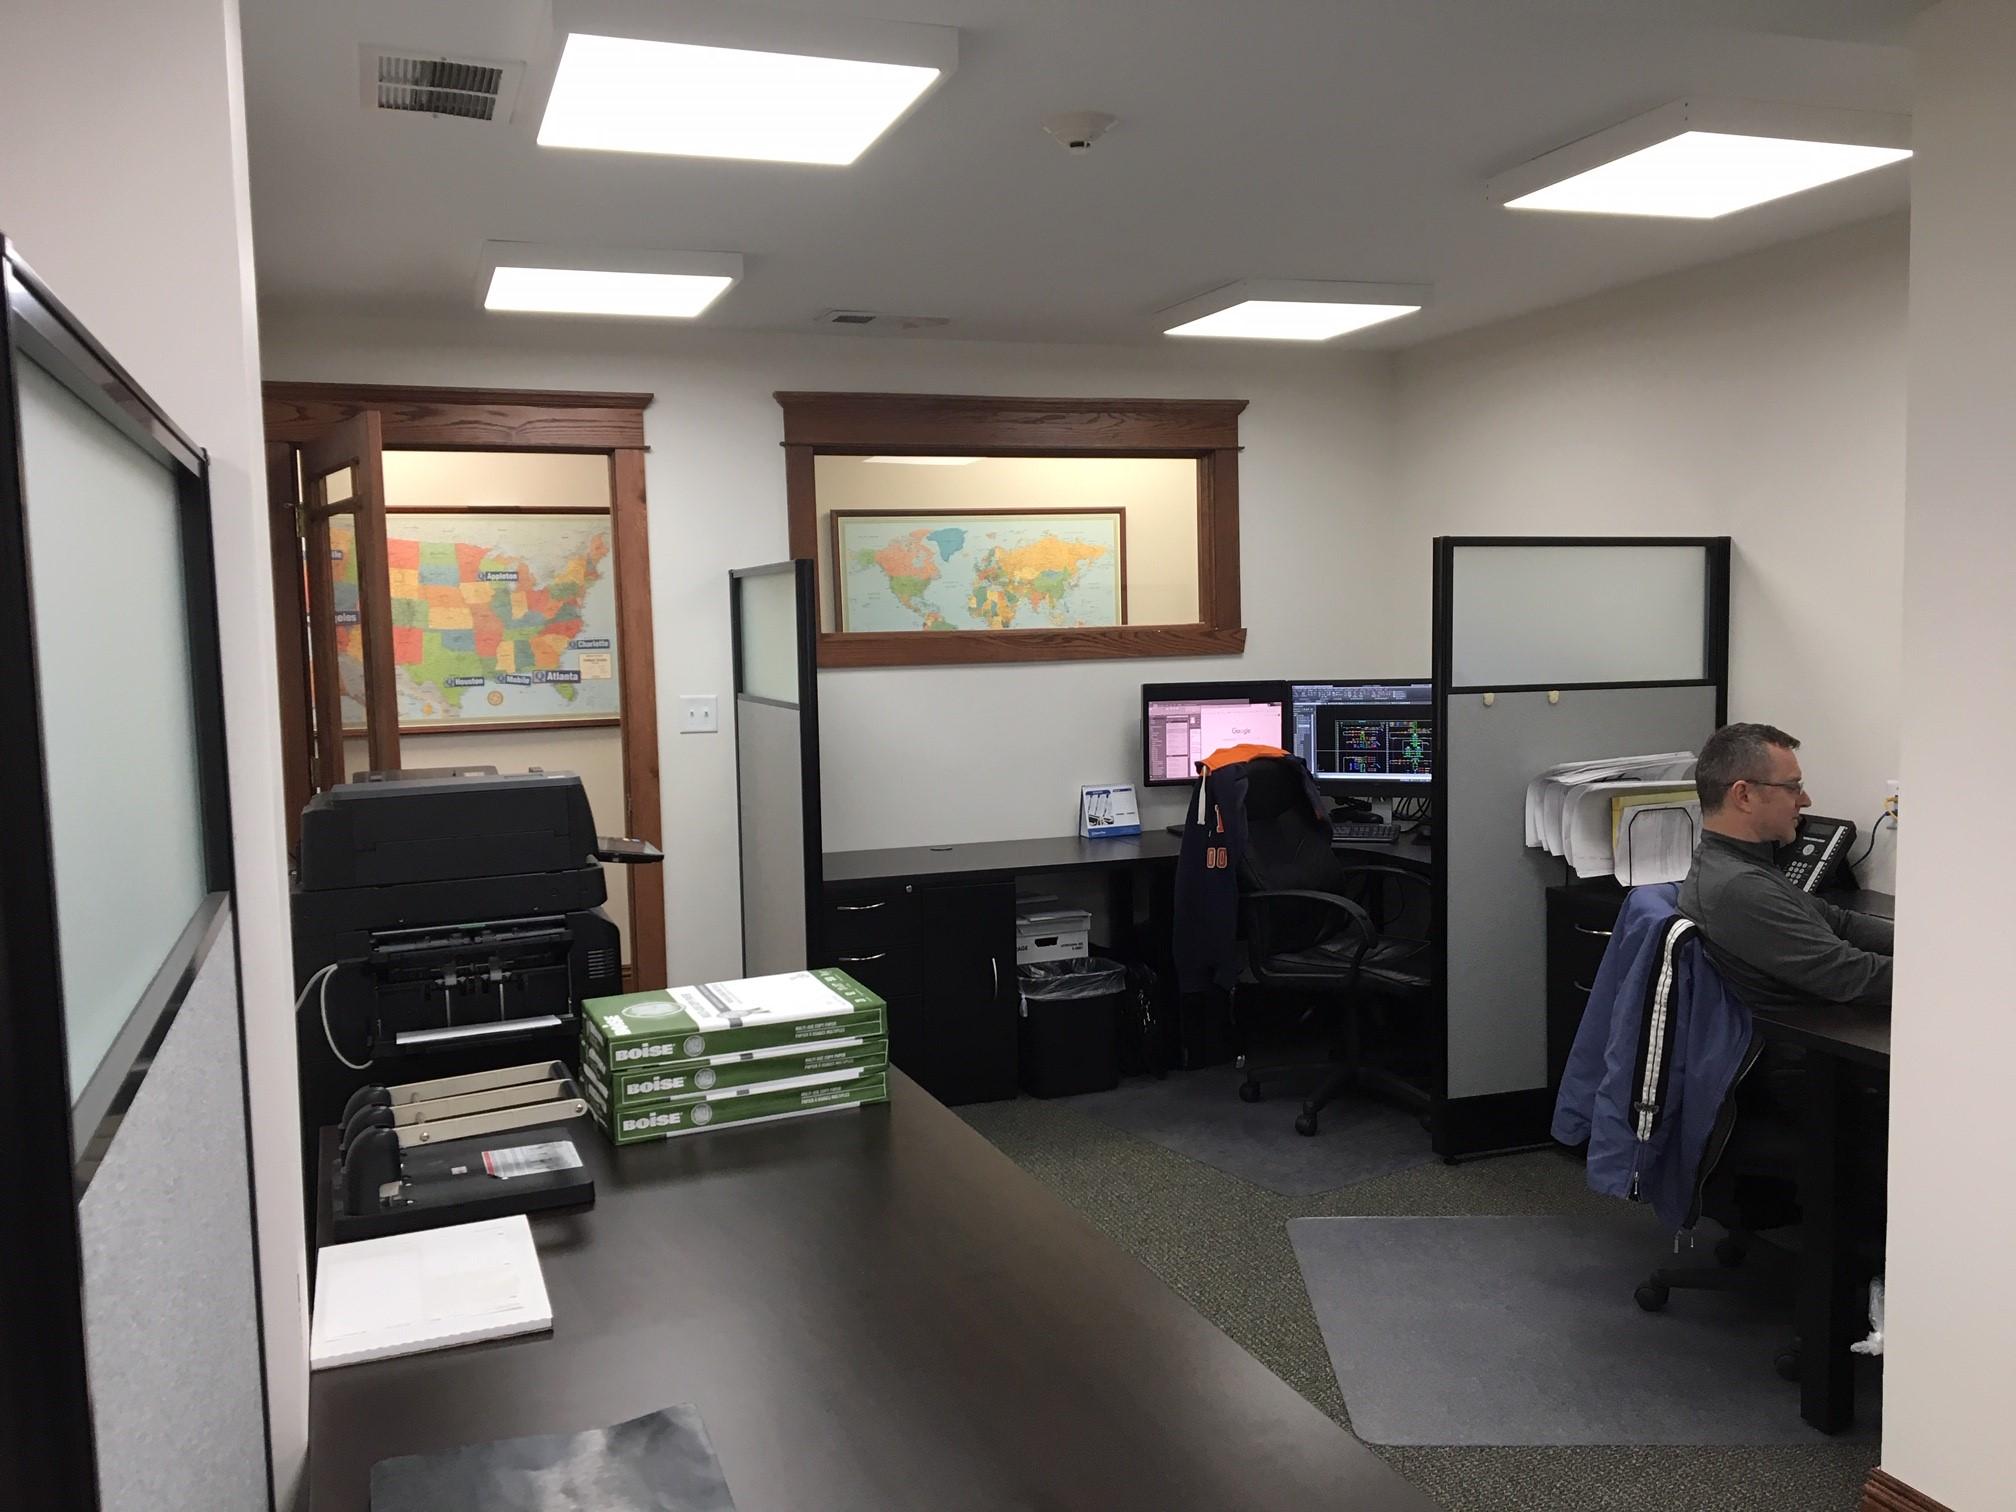 new cad department